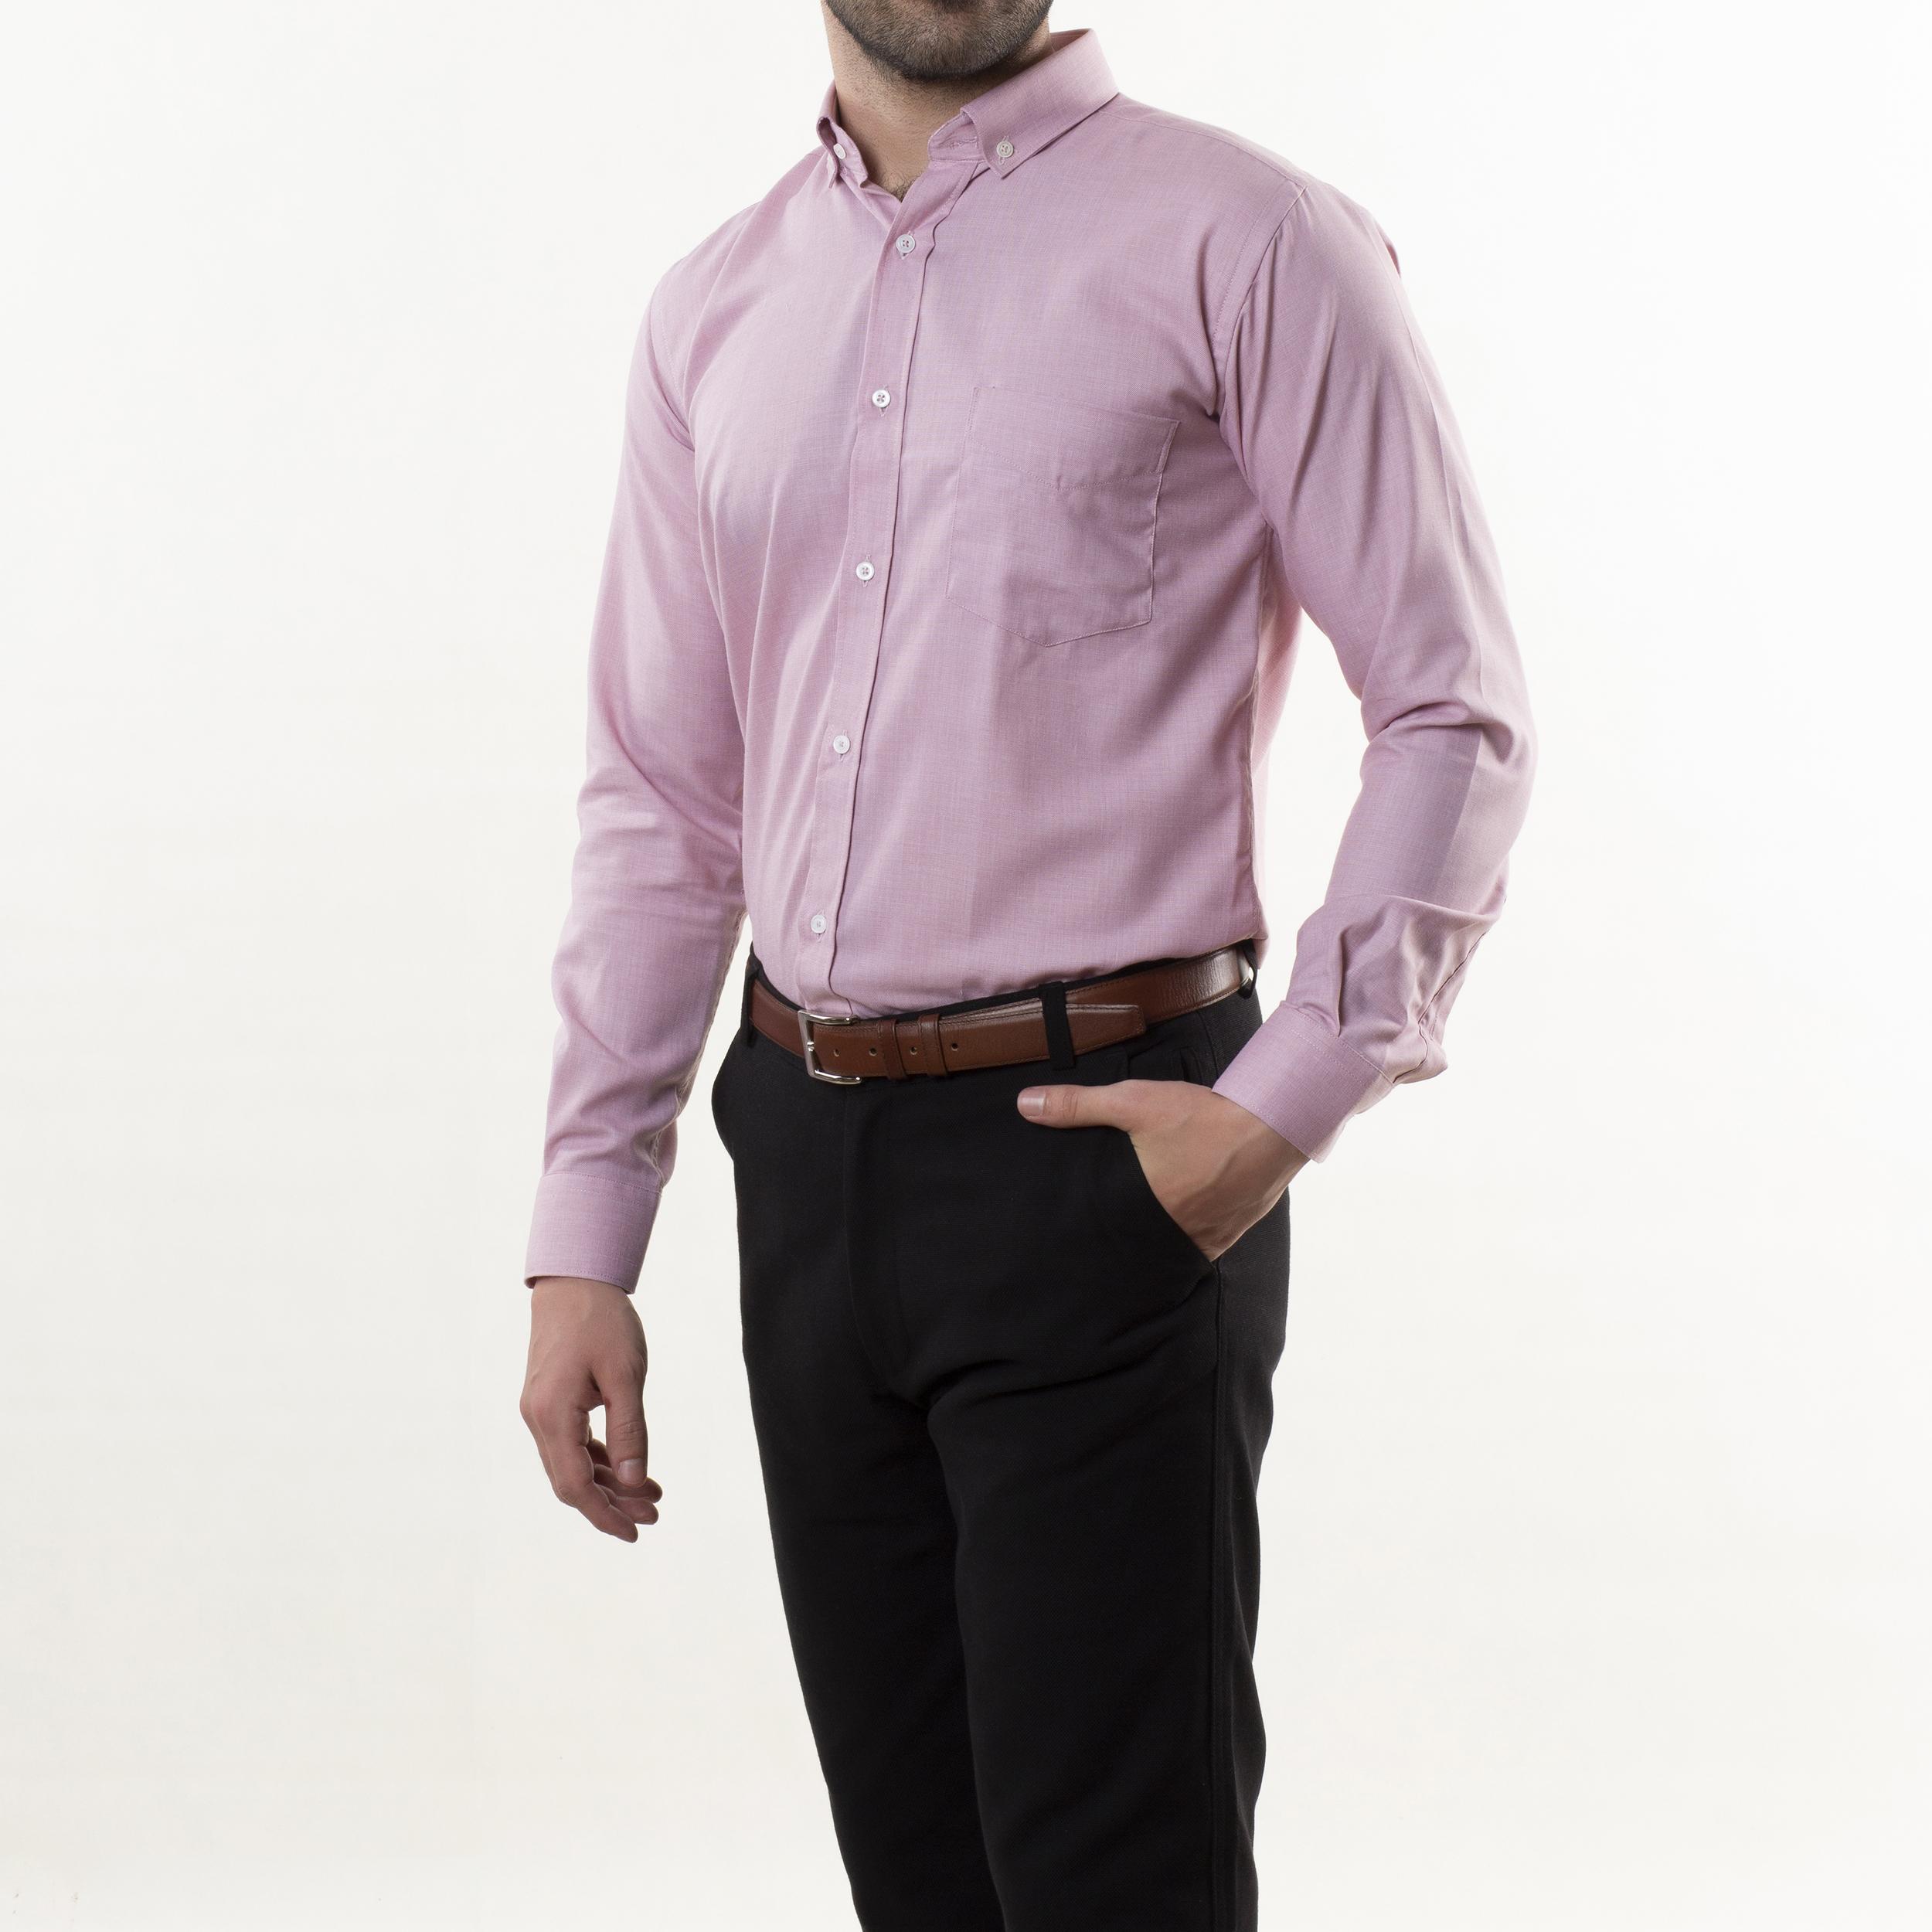 پیراهن مردانه زی مدل 1531405ML84